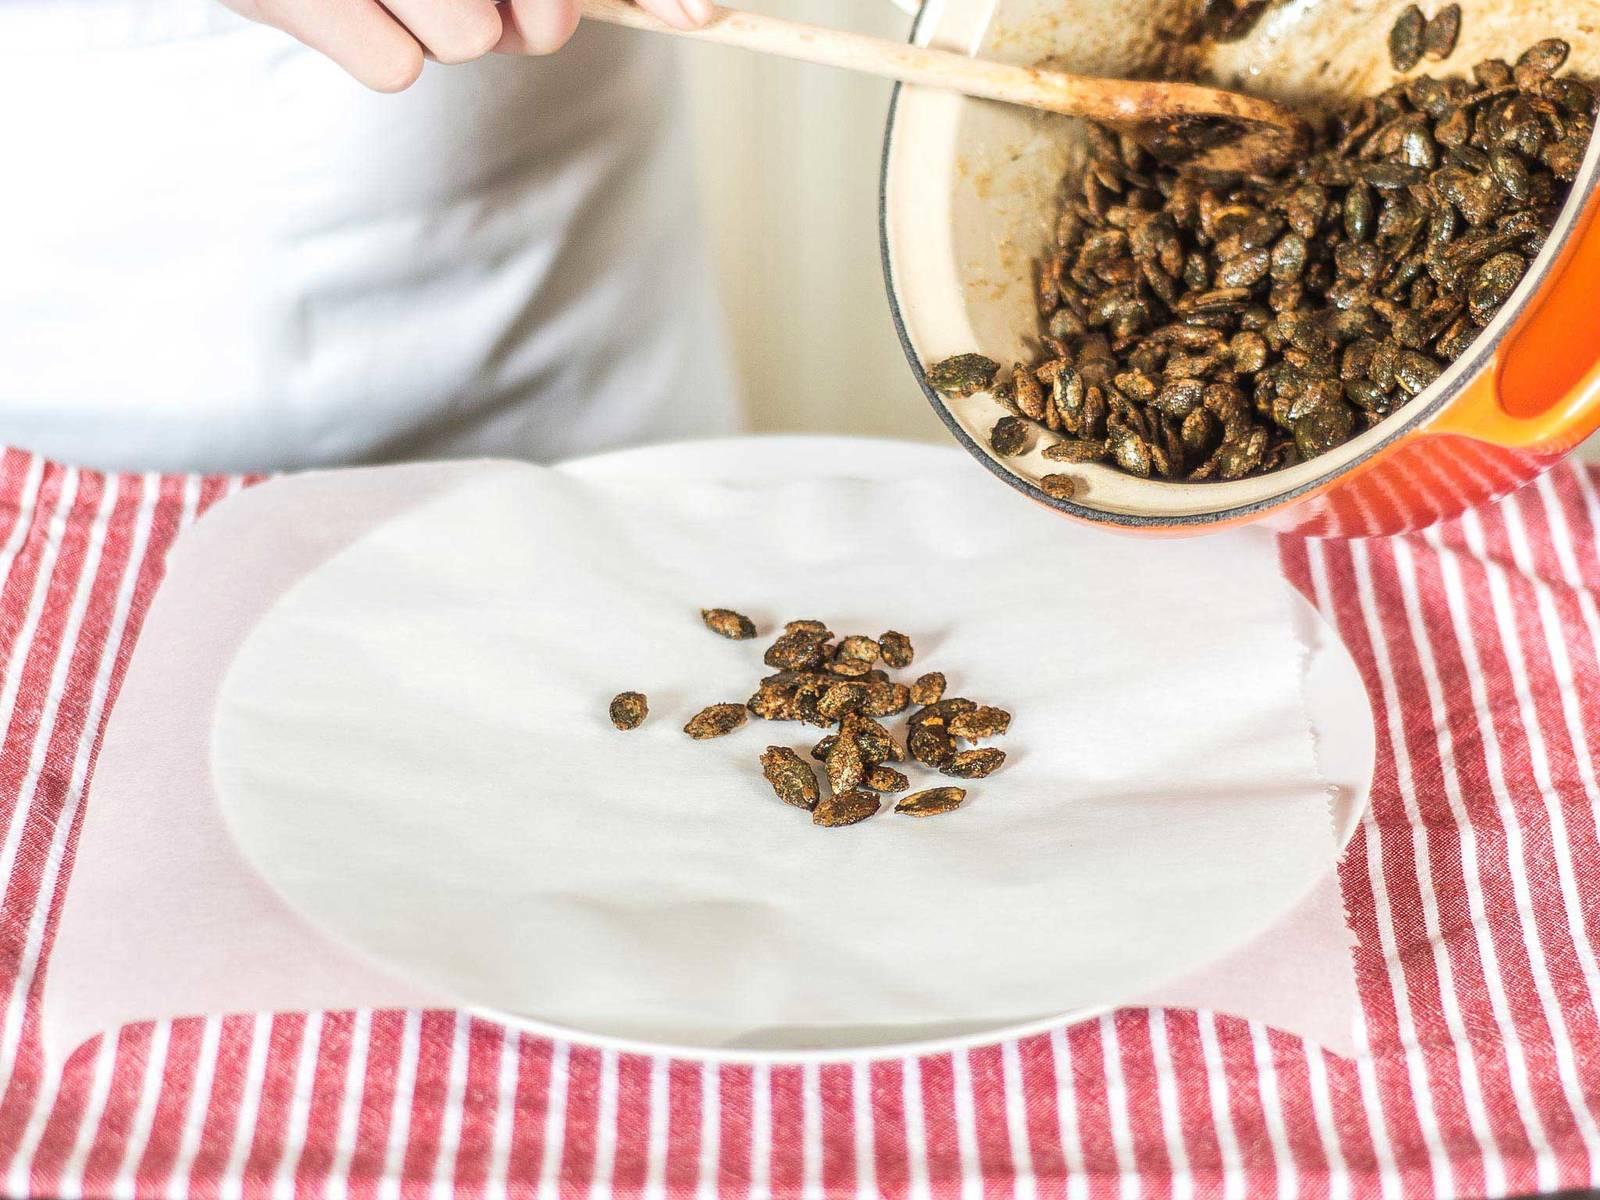 将做好的焦糖南瓜籽放在烘焙纸上冷却。